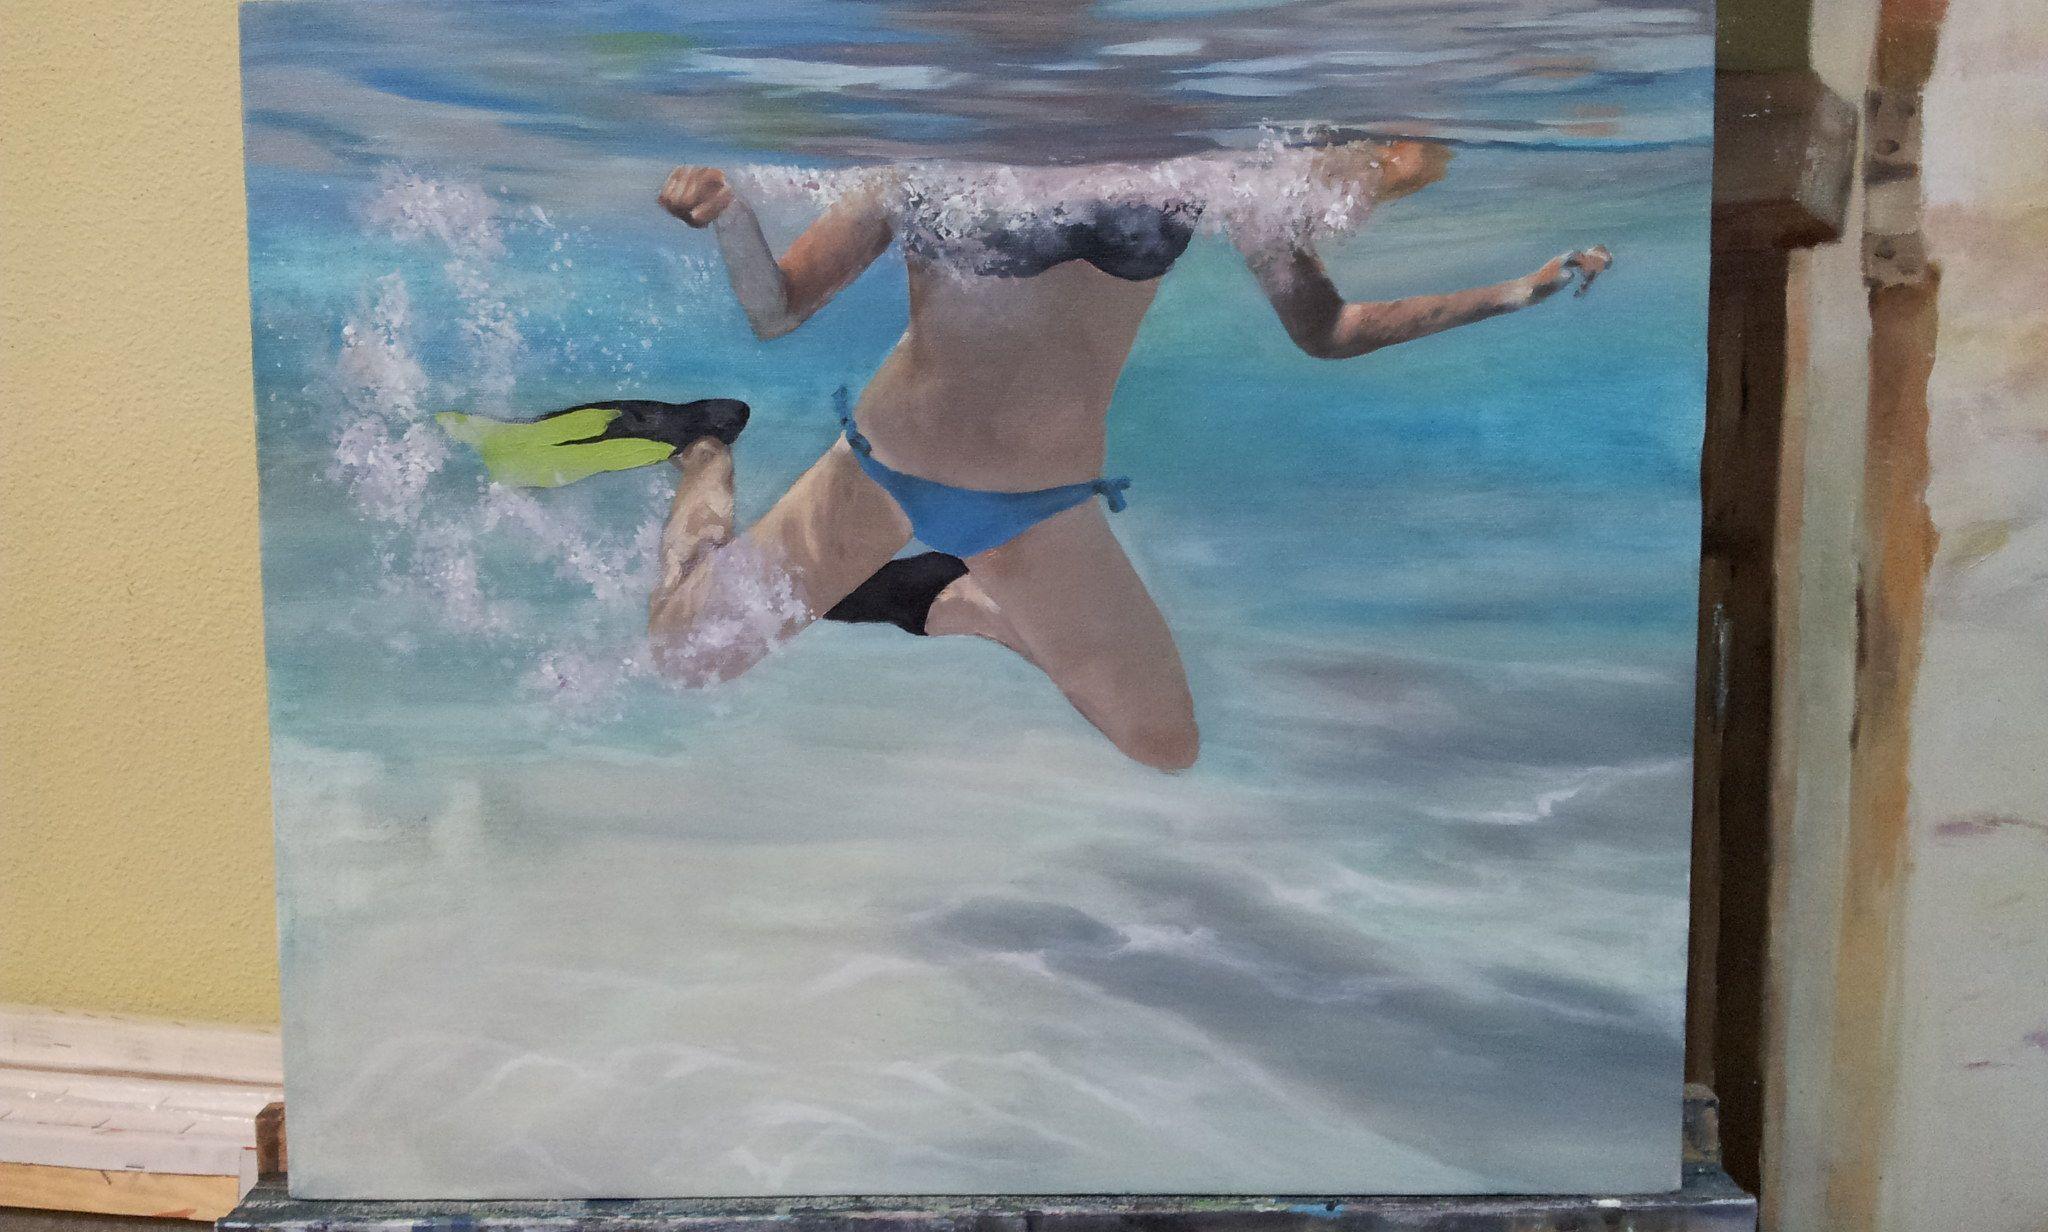 Sirenas 3. Un robado de una de las sirenas. Ella sola también flota. En Cerdeña.